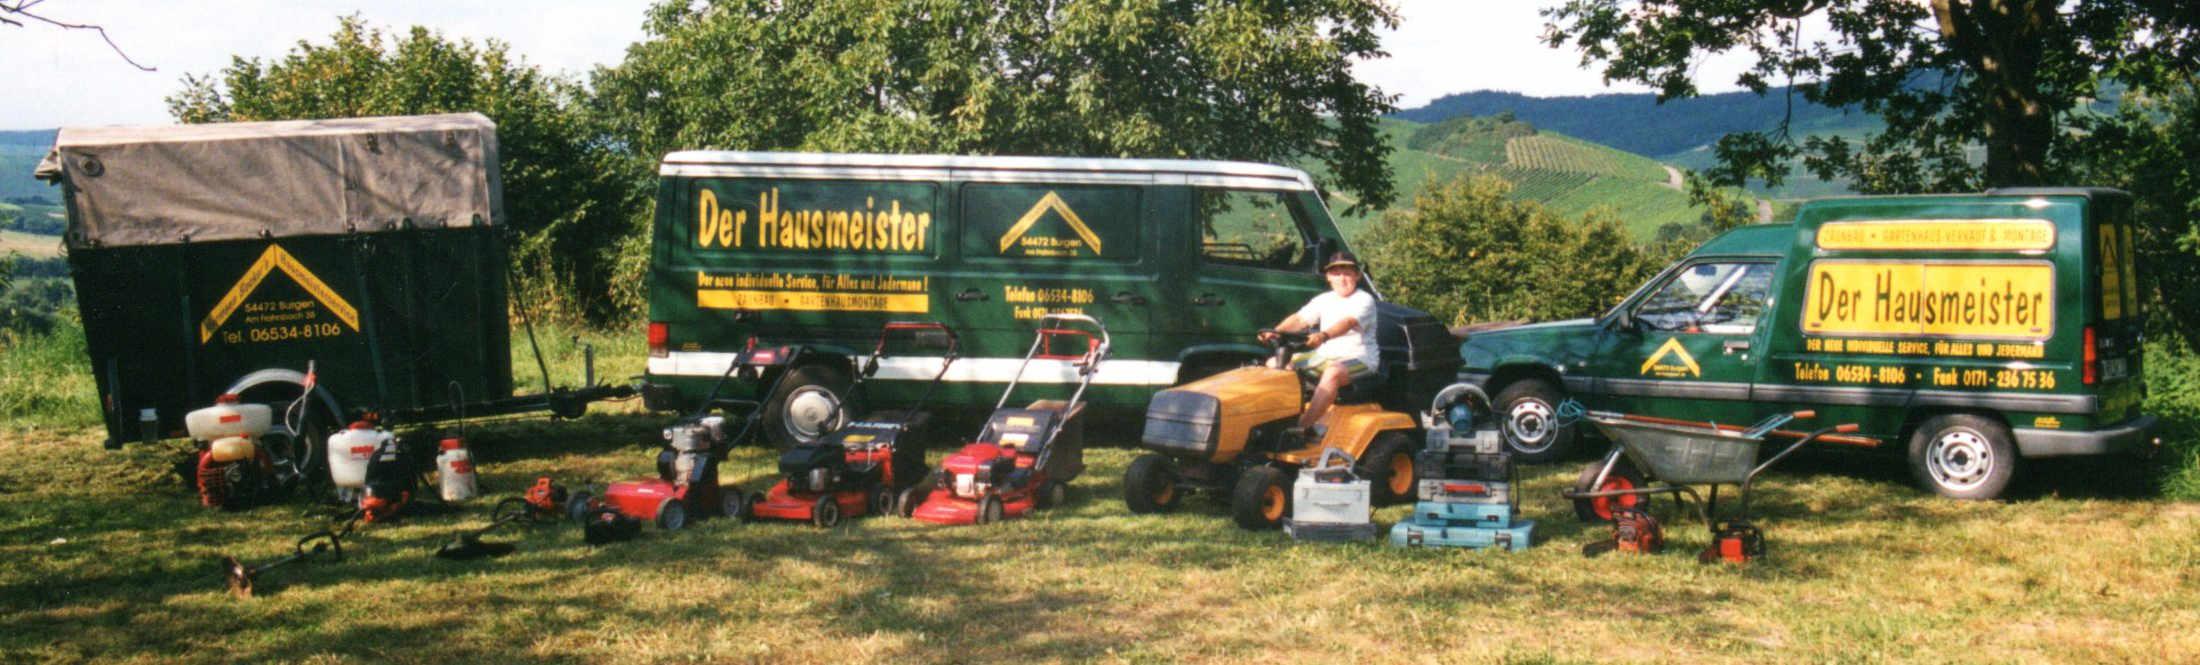 Der Hausmeister Hermann Becker GmbH